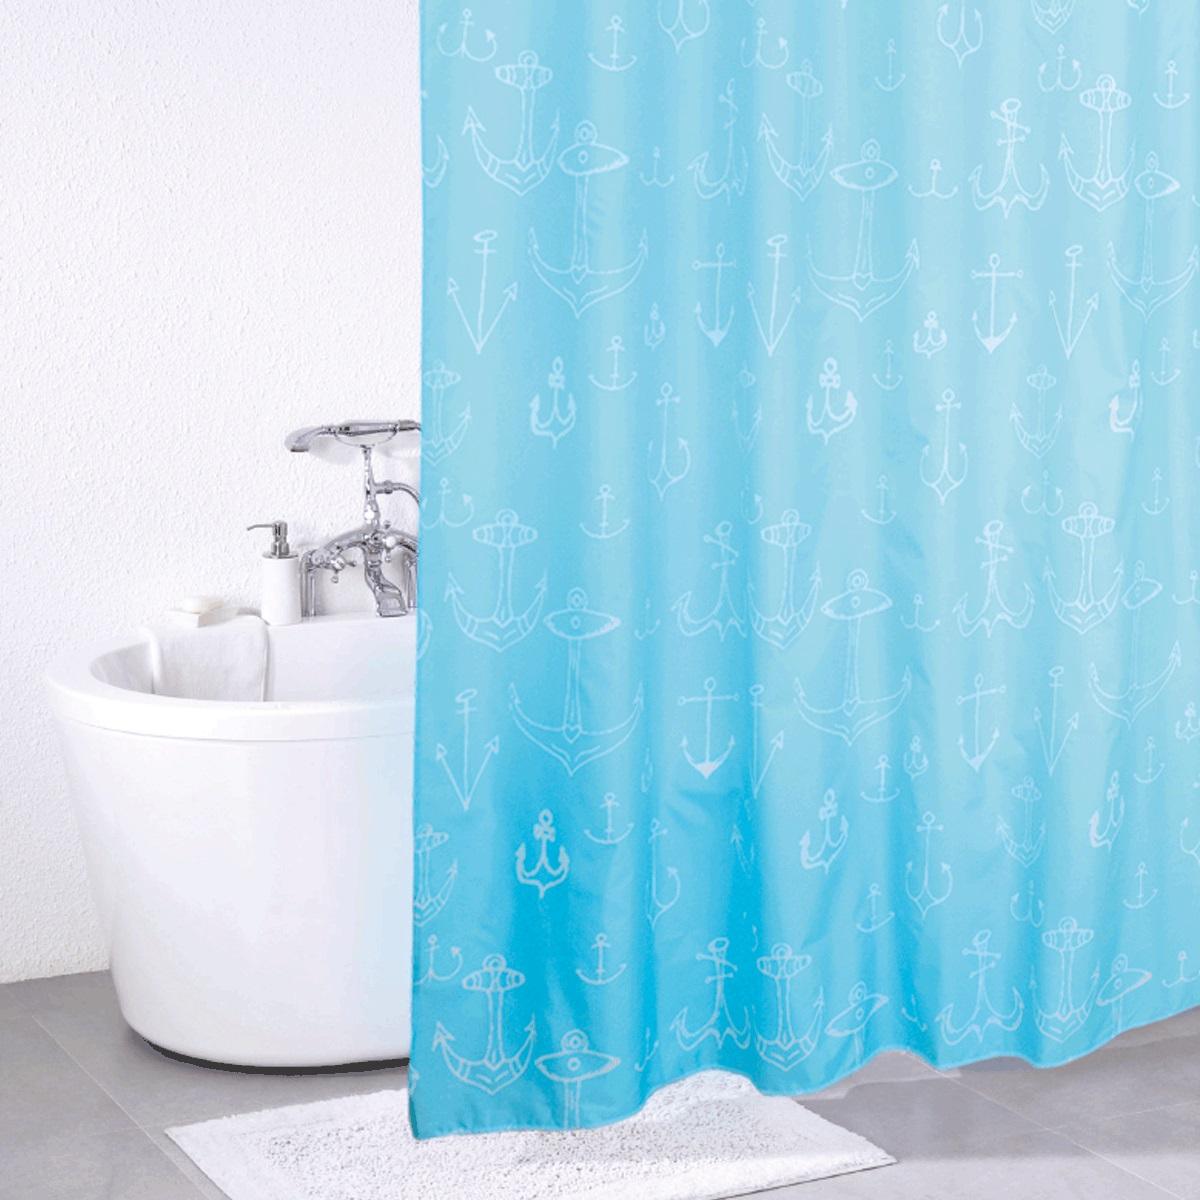 Штора для ванной Iddis Mare, цвет: голубой, 180 x 200 см650P18Ri11Штора для ванной комнаты Iddis выполнена из быстросохнущего материала - 100% полиэстера, что обеспечивает прочность изделия и легкость ухода за ним.Материал шторы пропитан специальным водоотталкивающим составом Waterprof.Изделие изготовлено из экологически-чистого материала, оно обладает высокой степенью гигиеничности, не вызывает аллергических реакций.Штора имеет 12 встроенных колец и утяжеляющую нить.